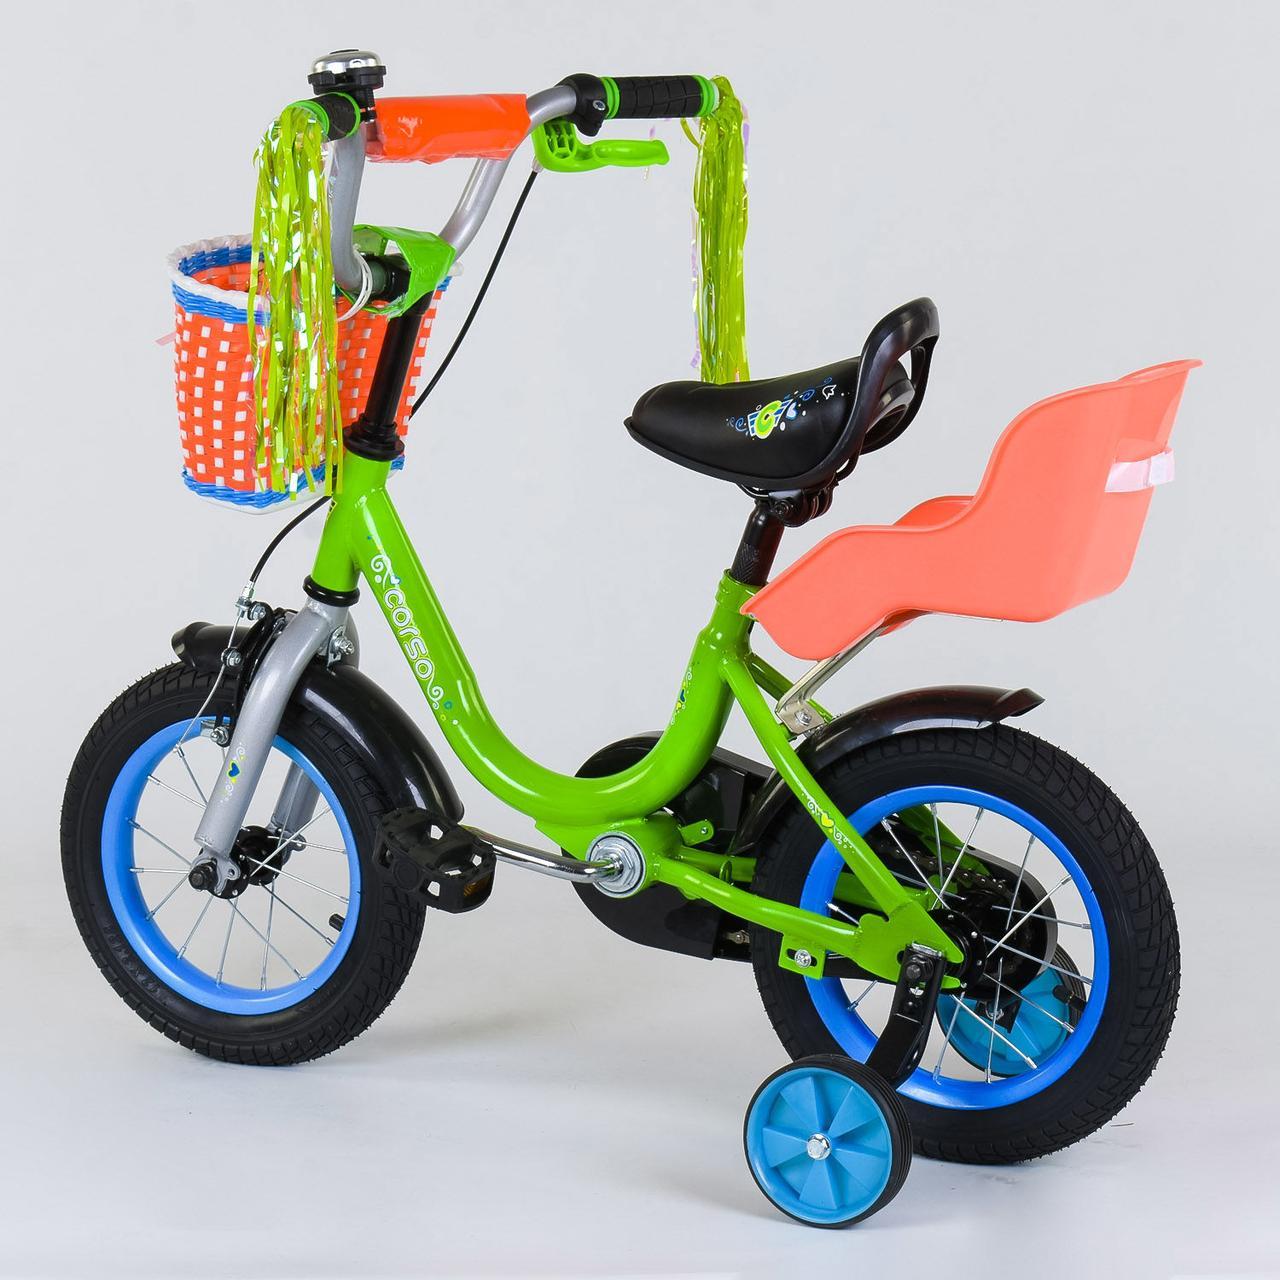 Велосипед 12 дюймов 2х колёсный CORSO 1204 ручной тормоз звоночек сидение с ручкой доп. колеса